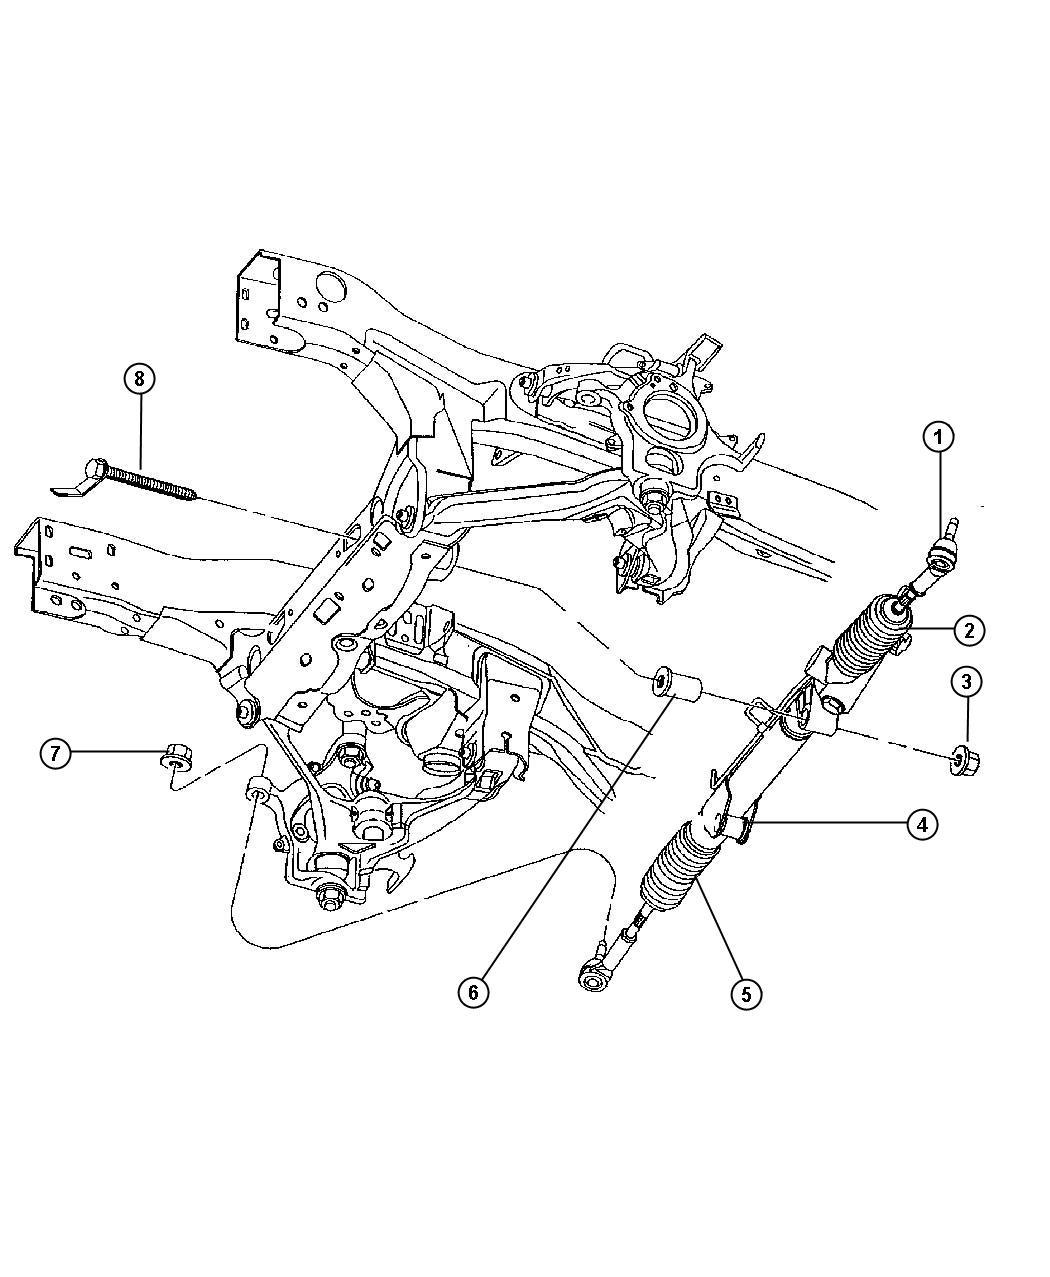 Dodge Durango Gear Power Steering Complete